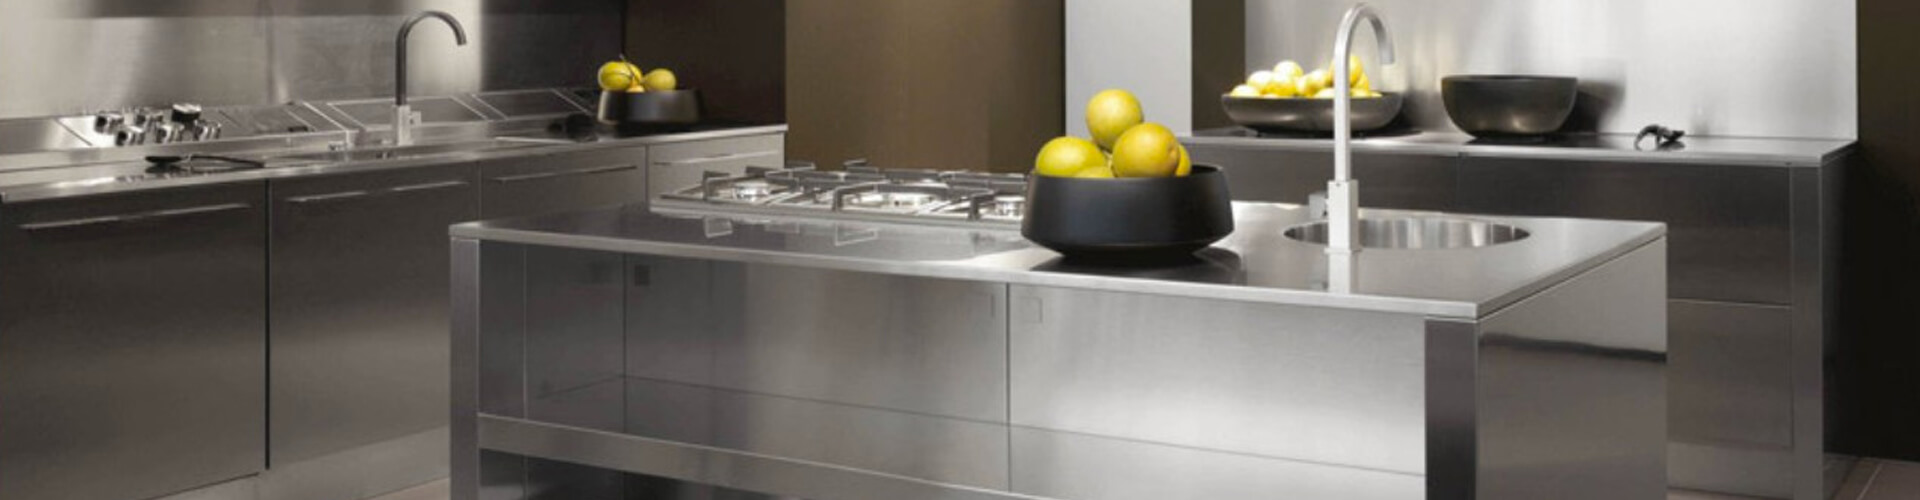 Dominox encimeras de cocina de acero inoxidable for Encimera acero